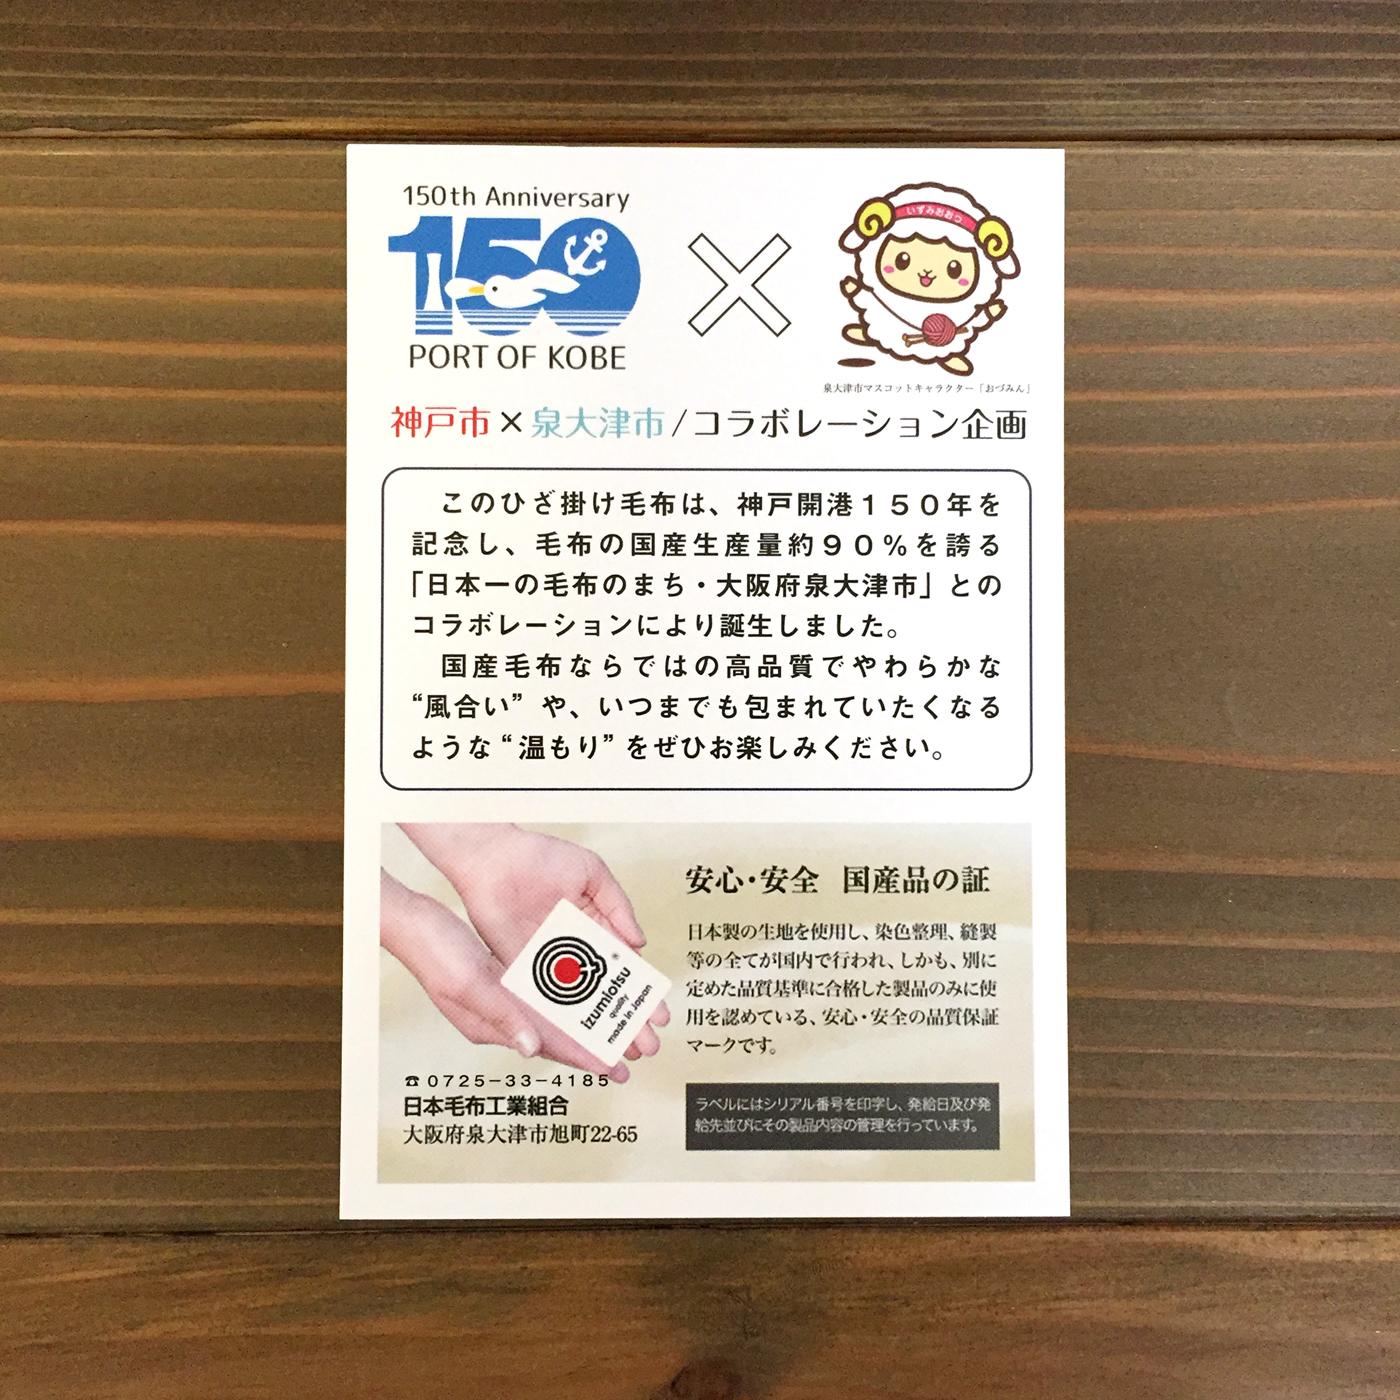 日本毛布工業組合 商品カード